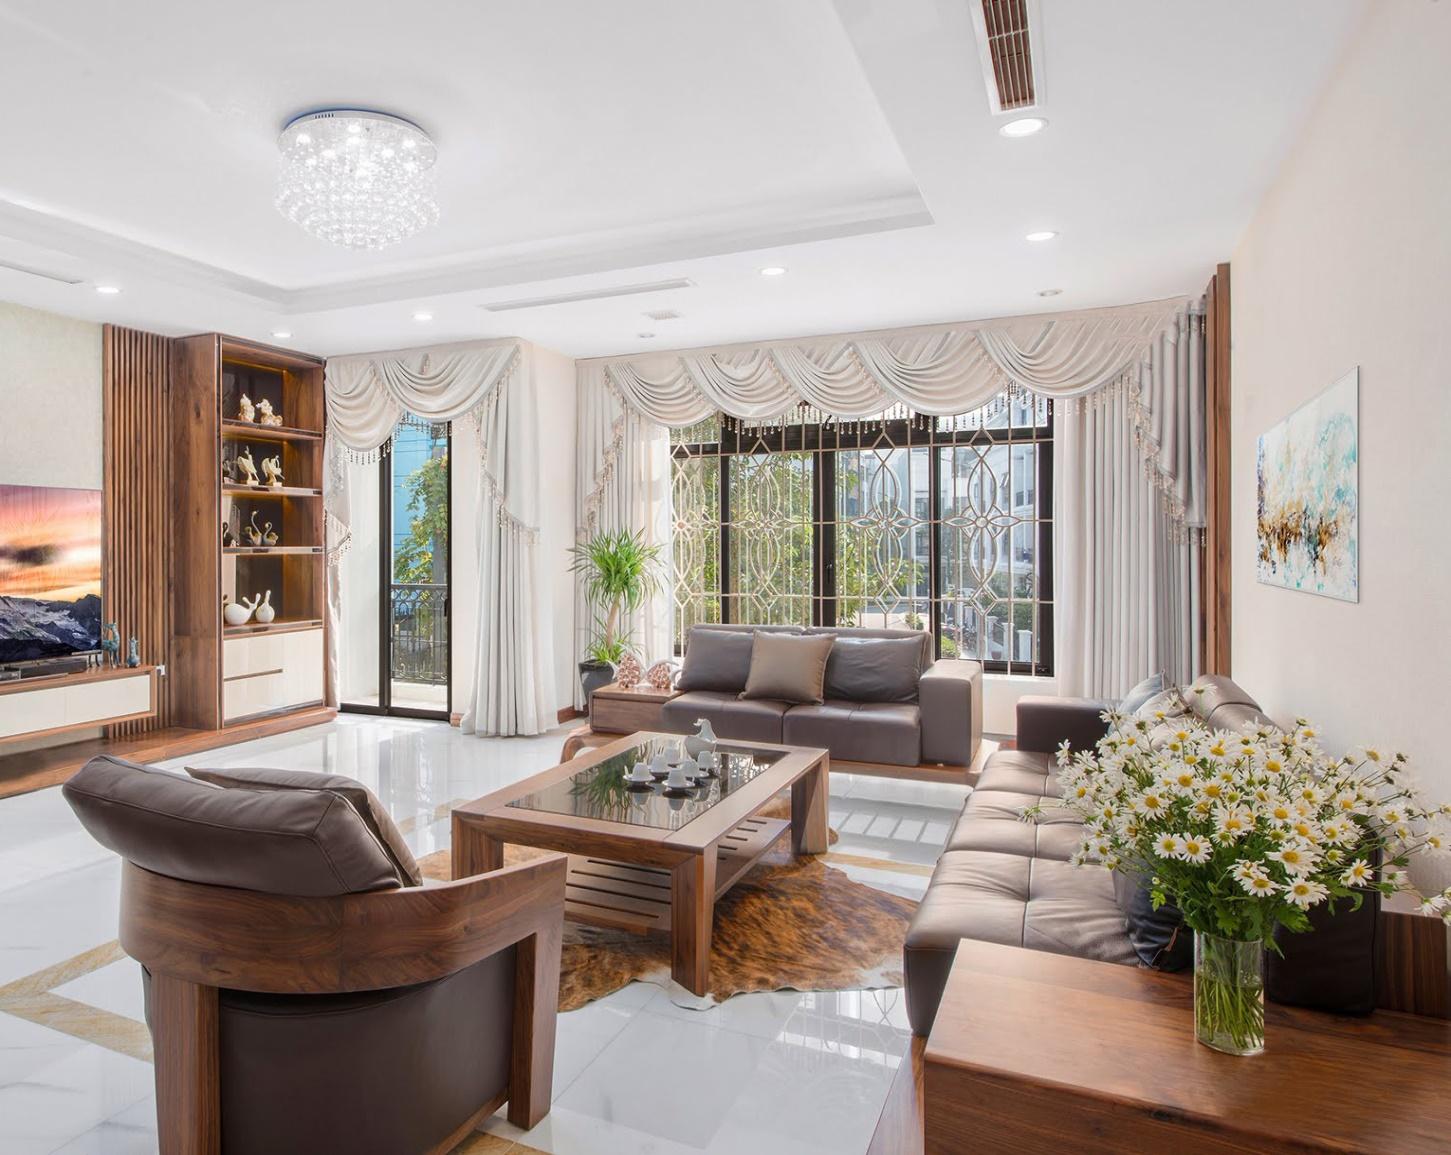 Bộ sofa phòng khách được làm từ gỗ gõ nguyên tấm